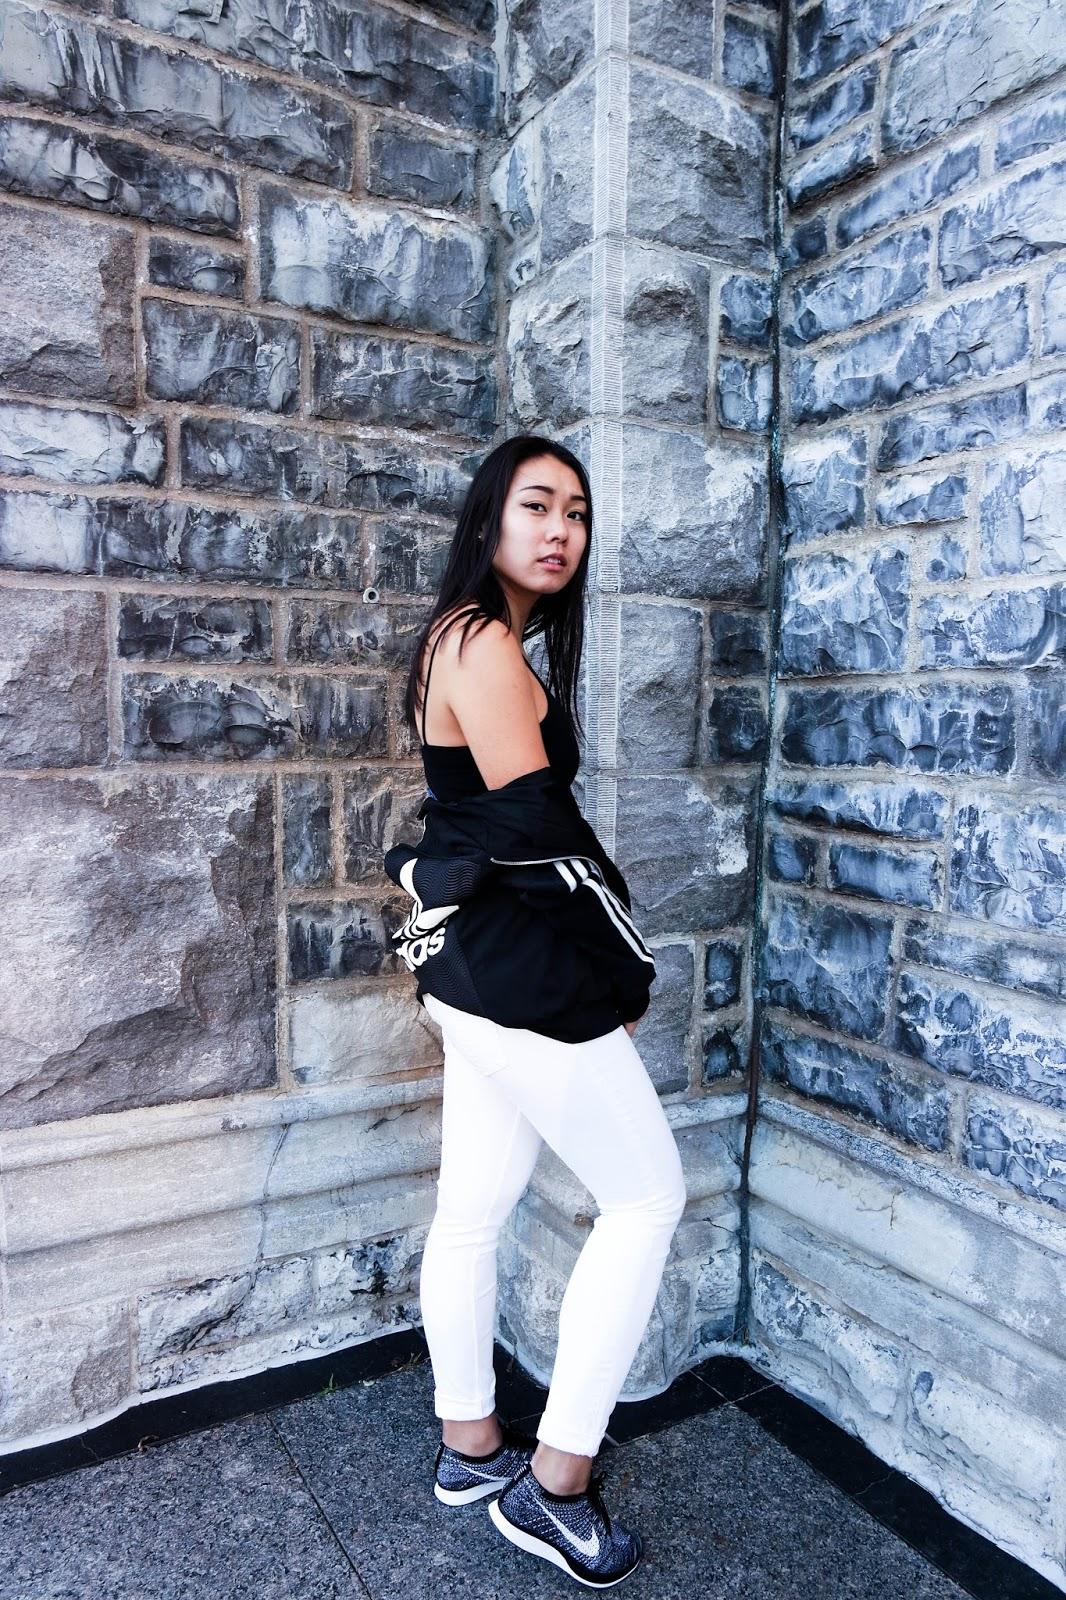 Best of Both Worlds | Fashion & Style | Sammy Huynn